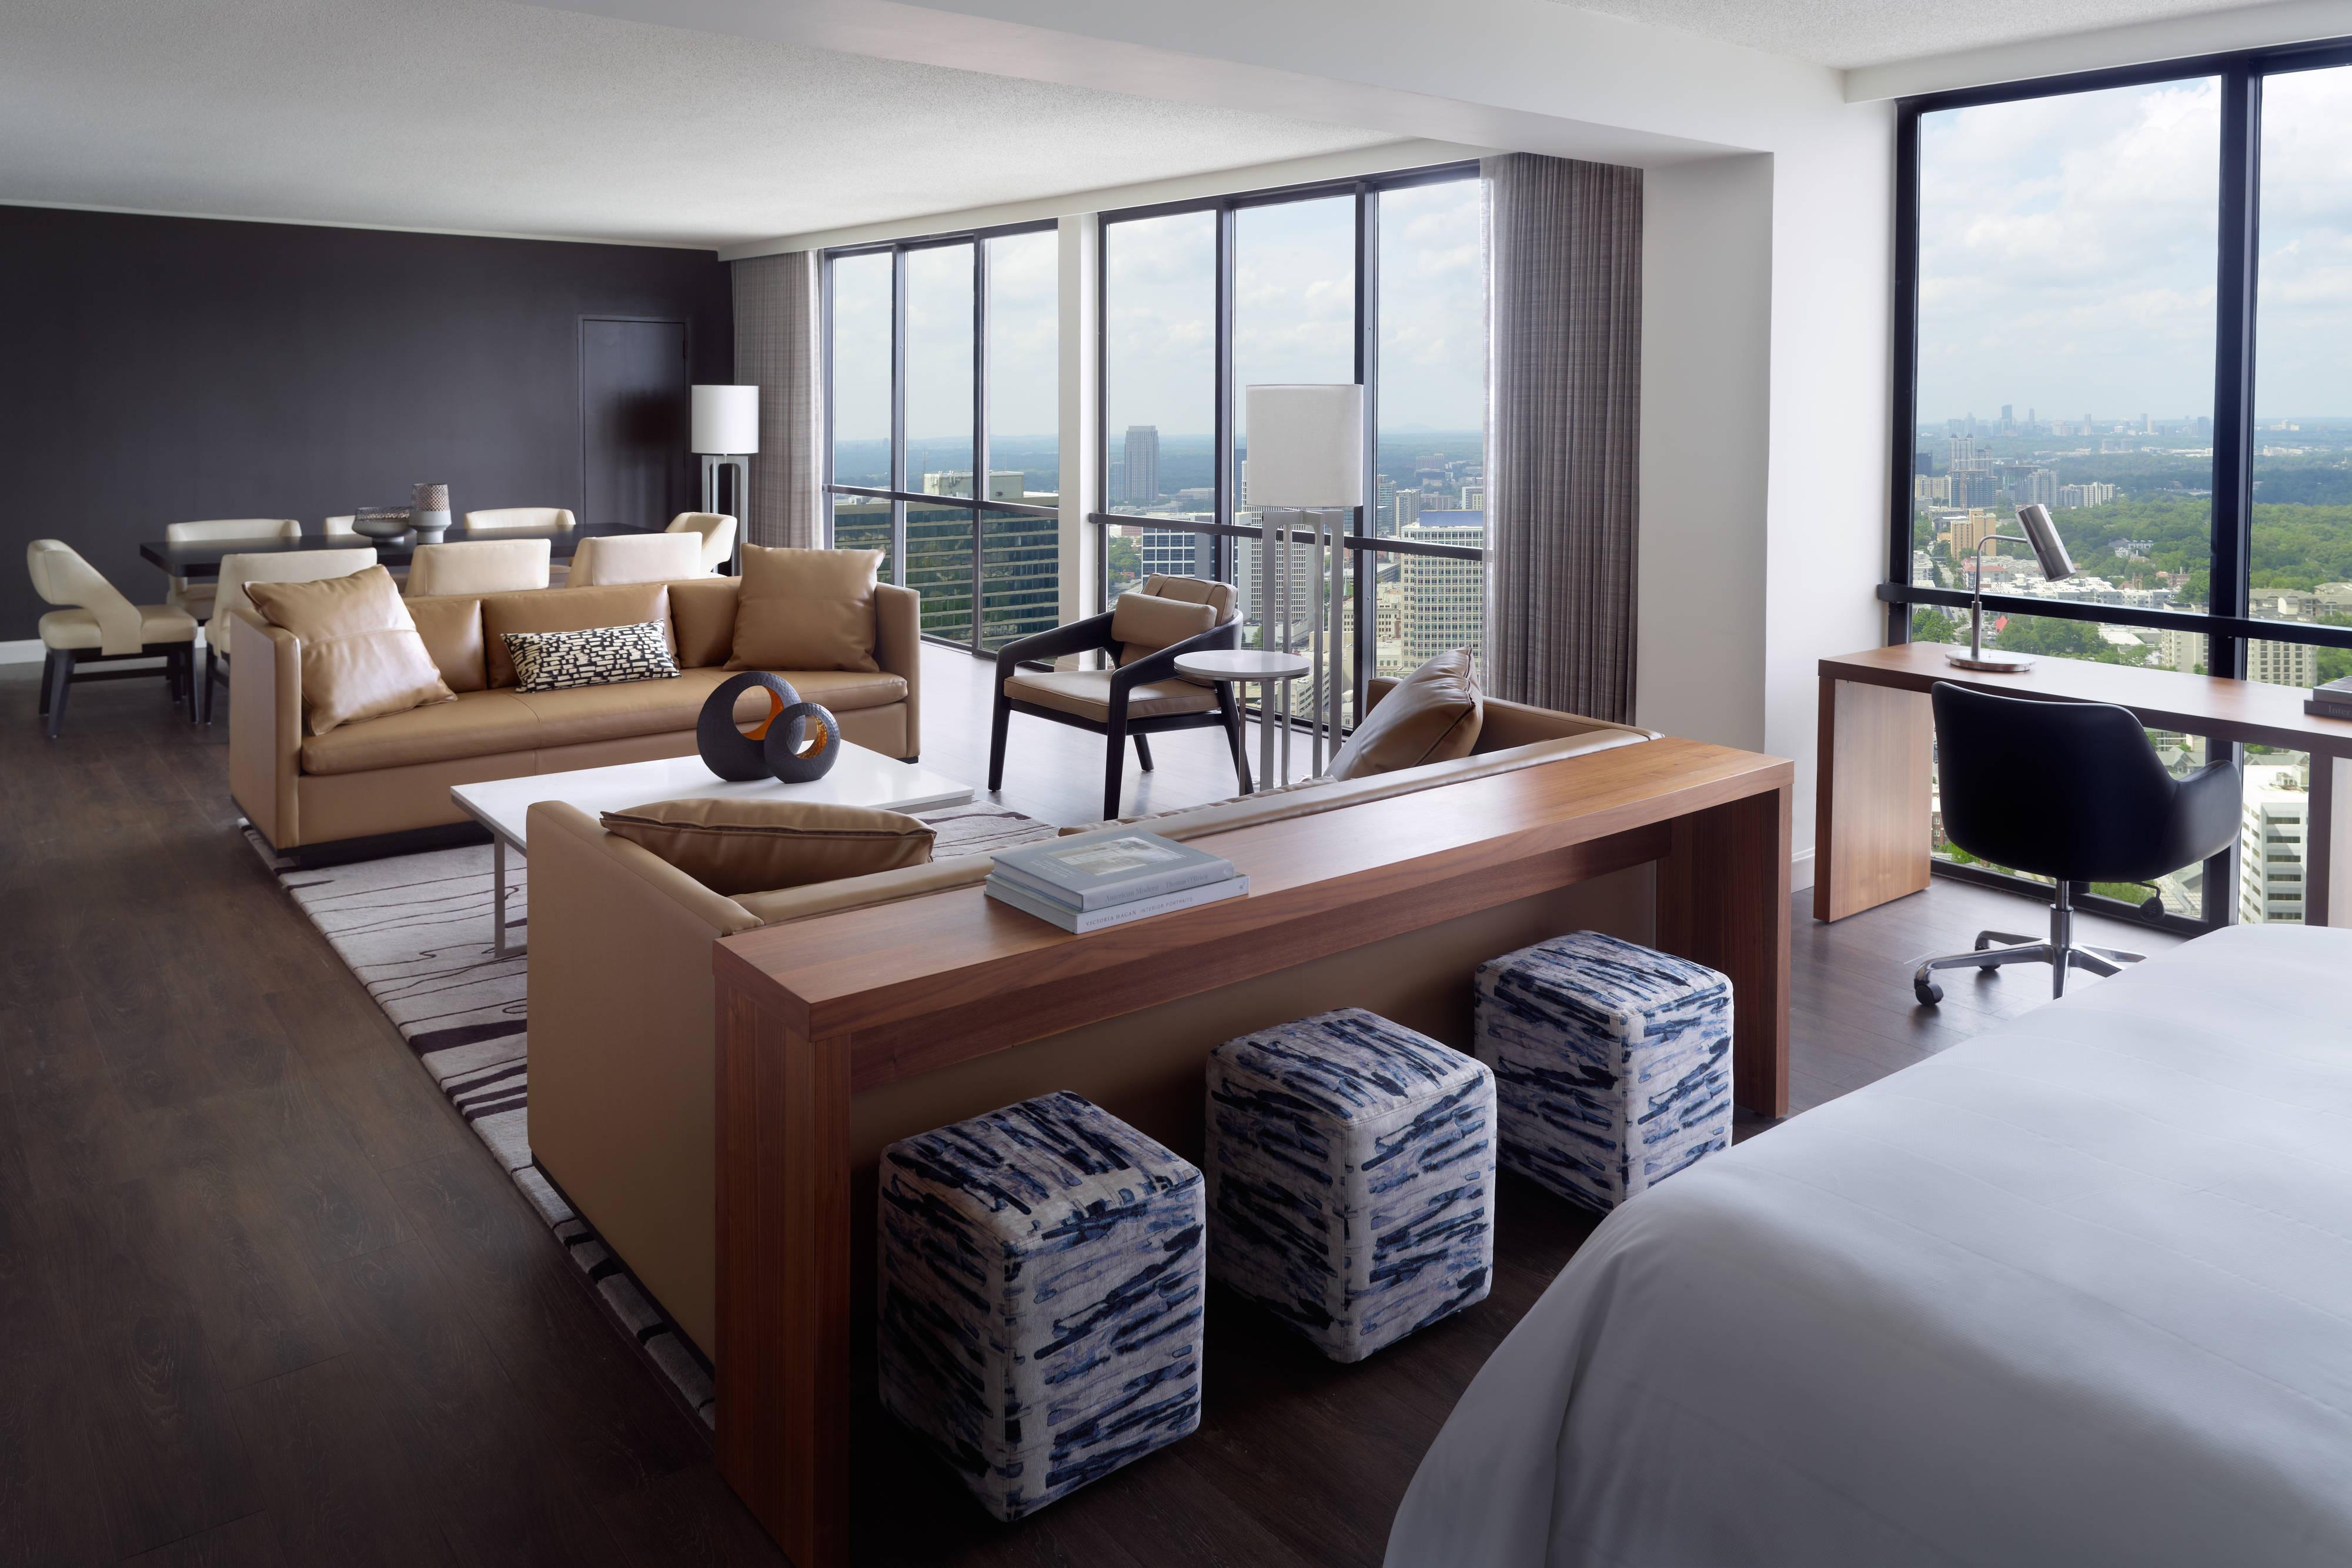 Hotel Suites In Atlanta Atlanta Marriott Marquis